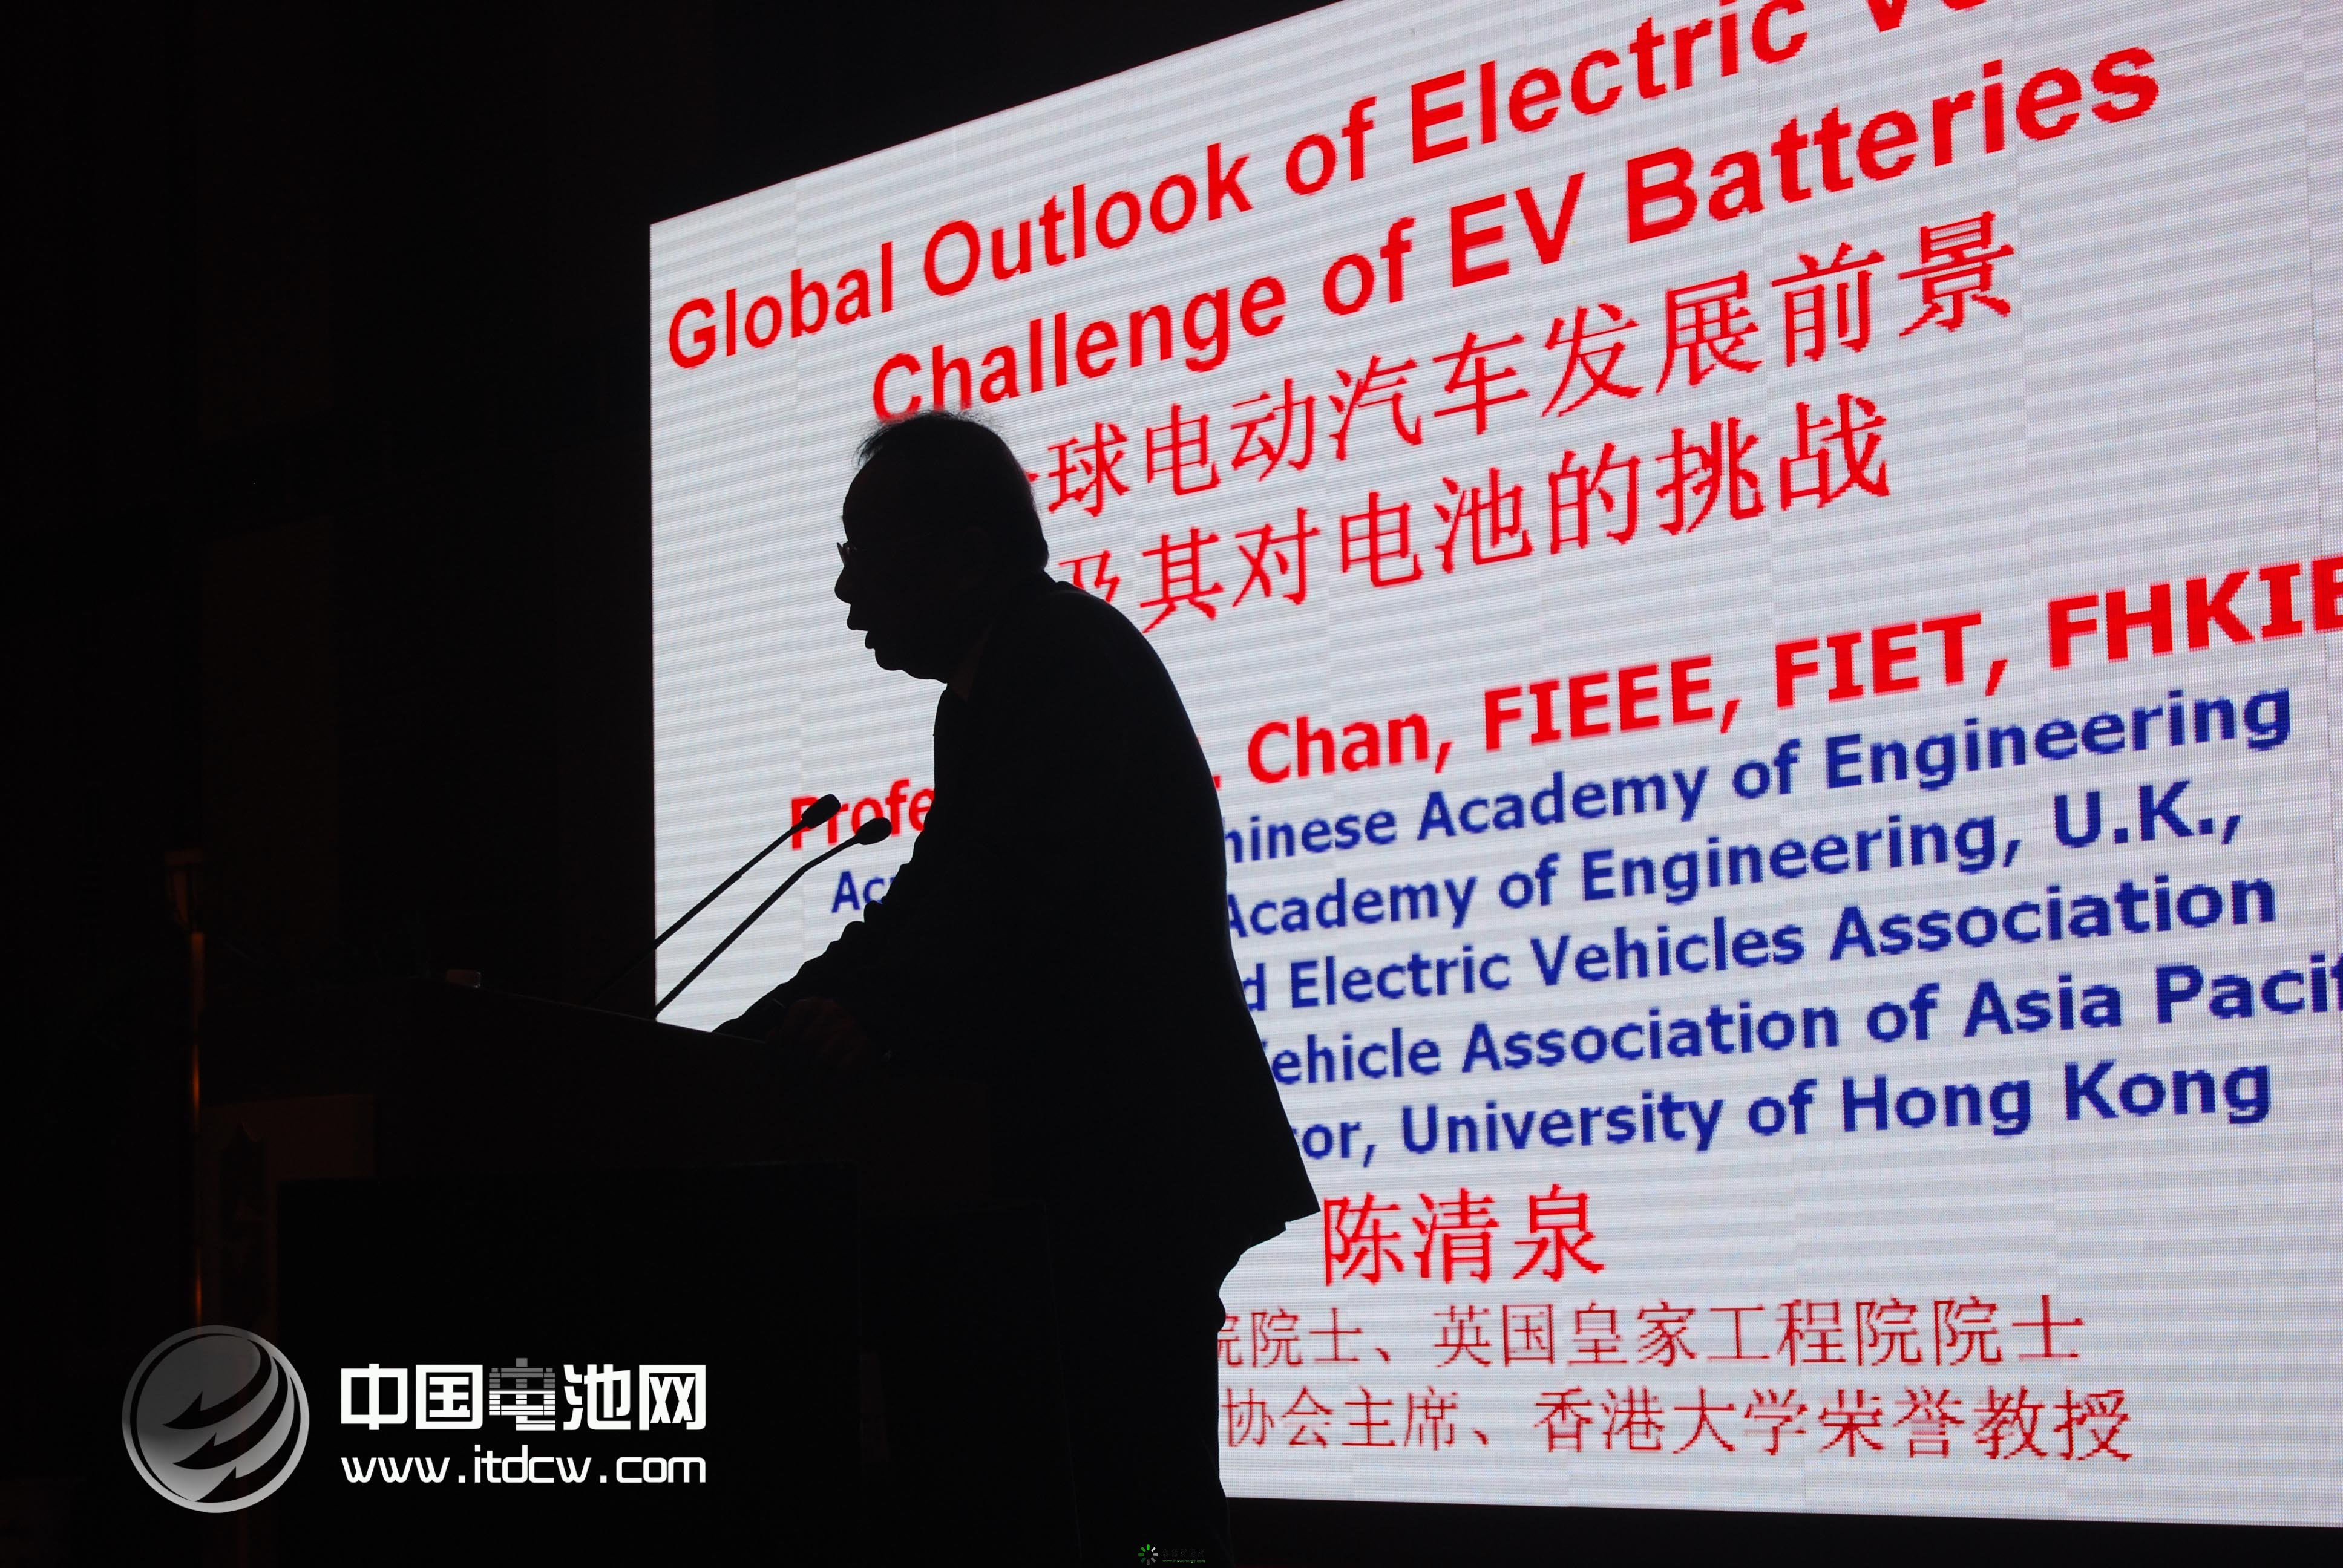 锂电将爆发式增长   从发展历程来看,动力电池分别经历了铅